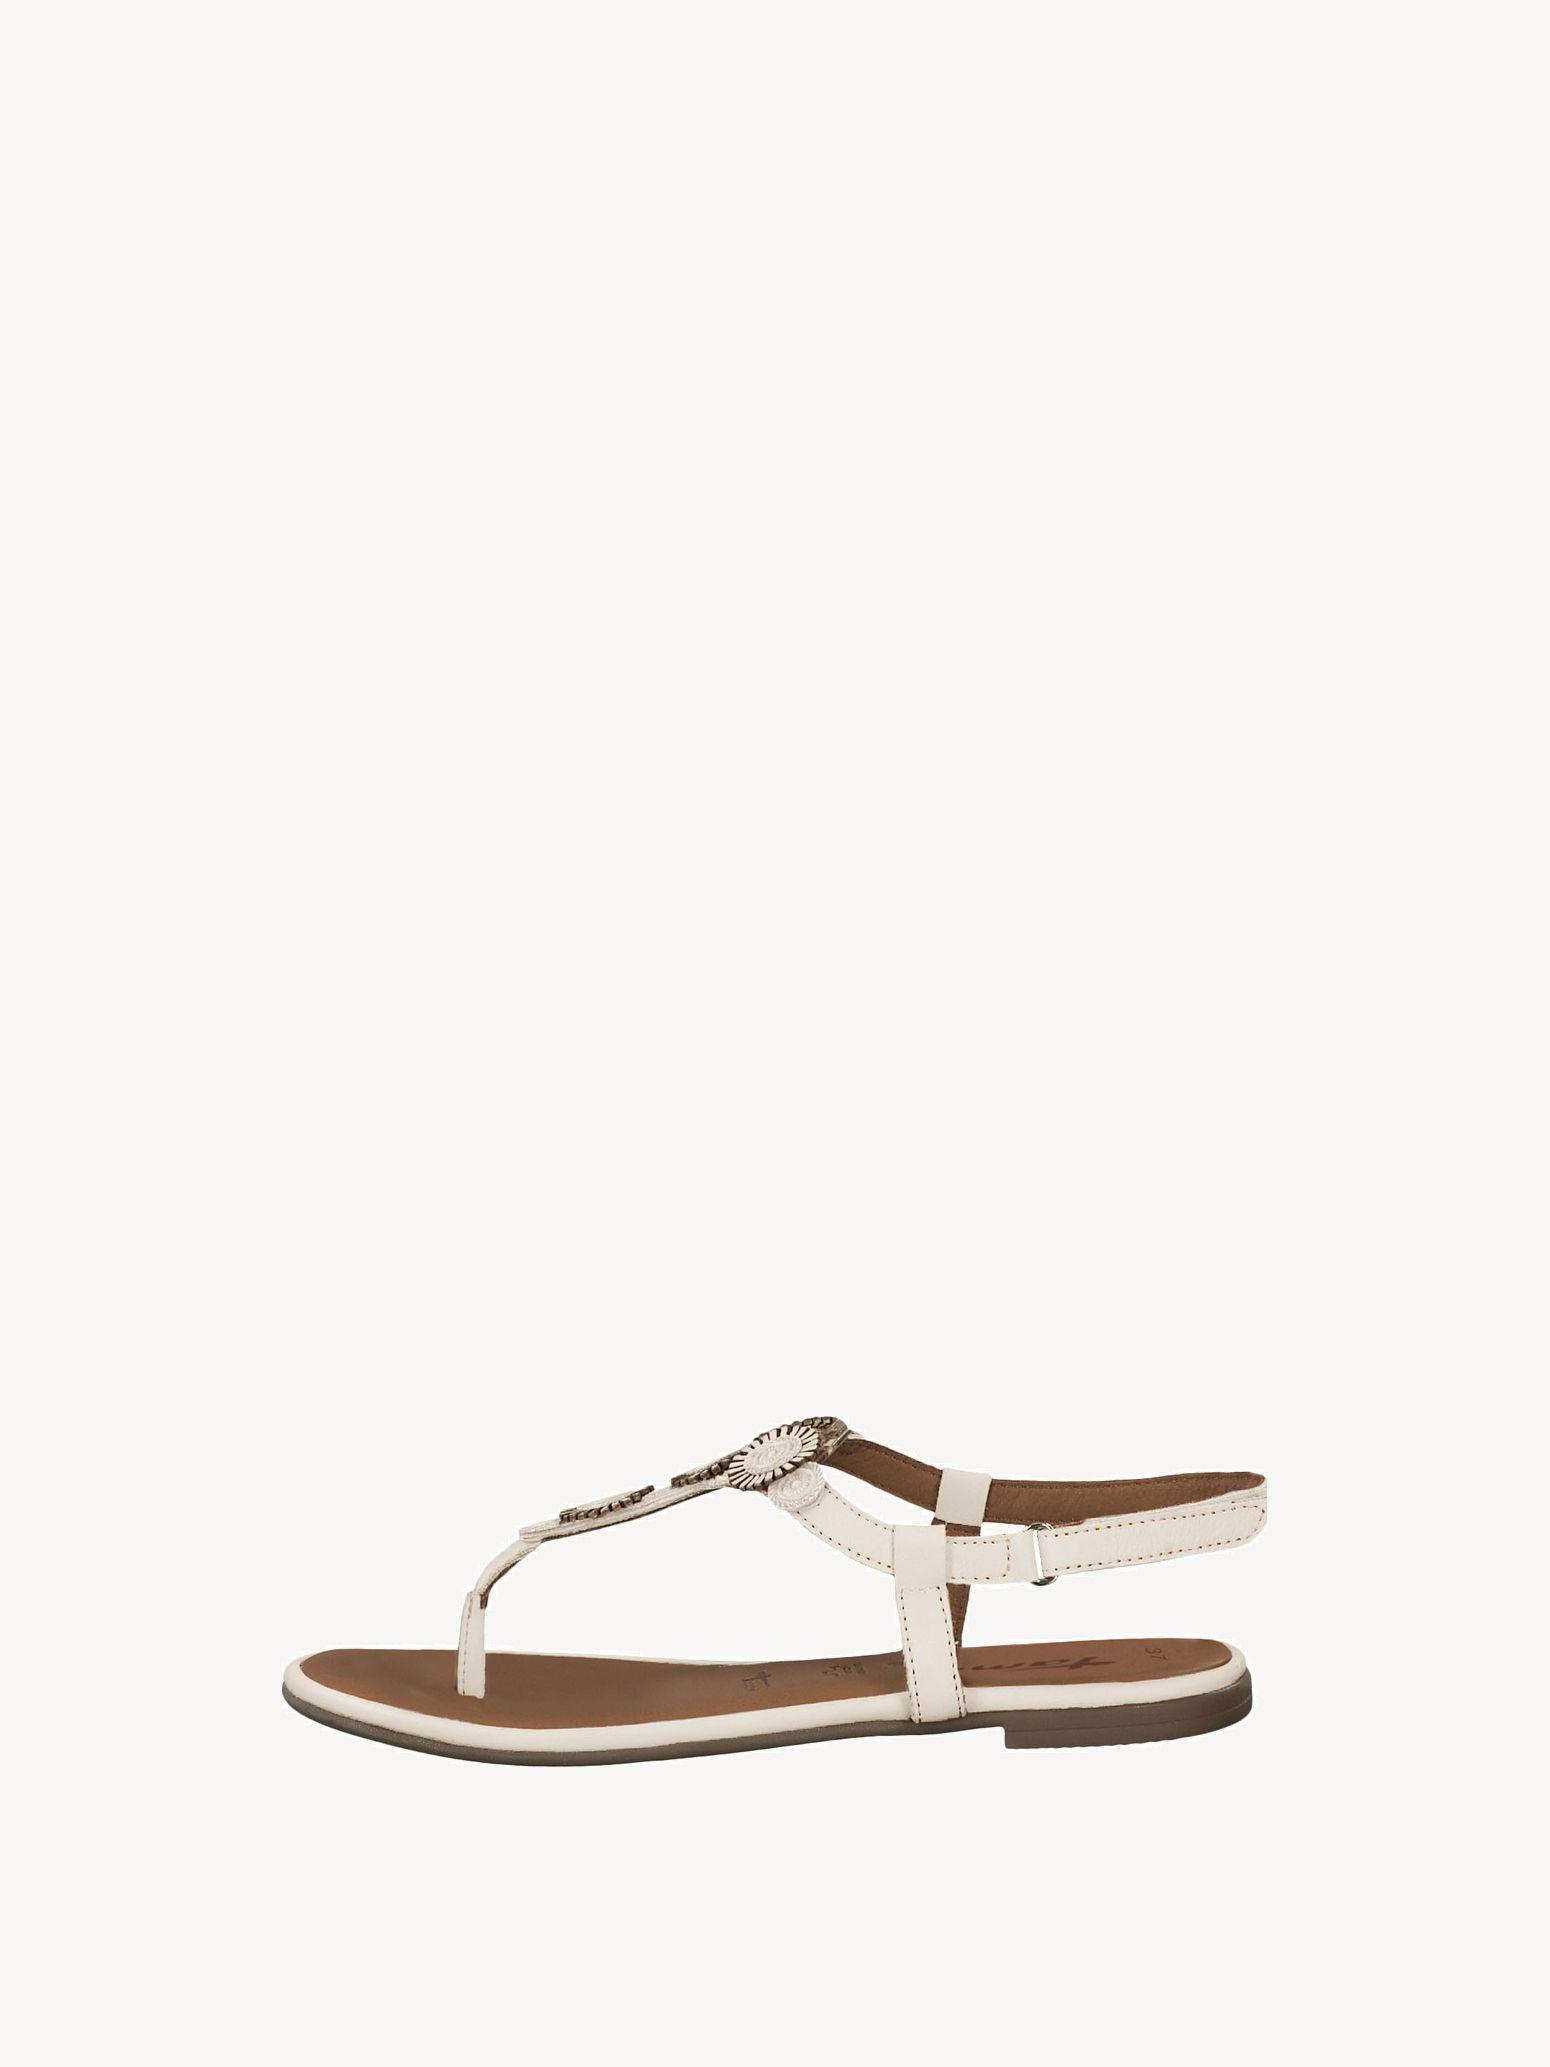 Sandalen in beige für Damen online kaufen Tamaris Damenschuhe